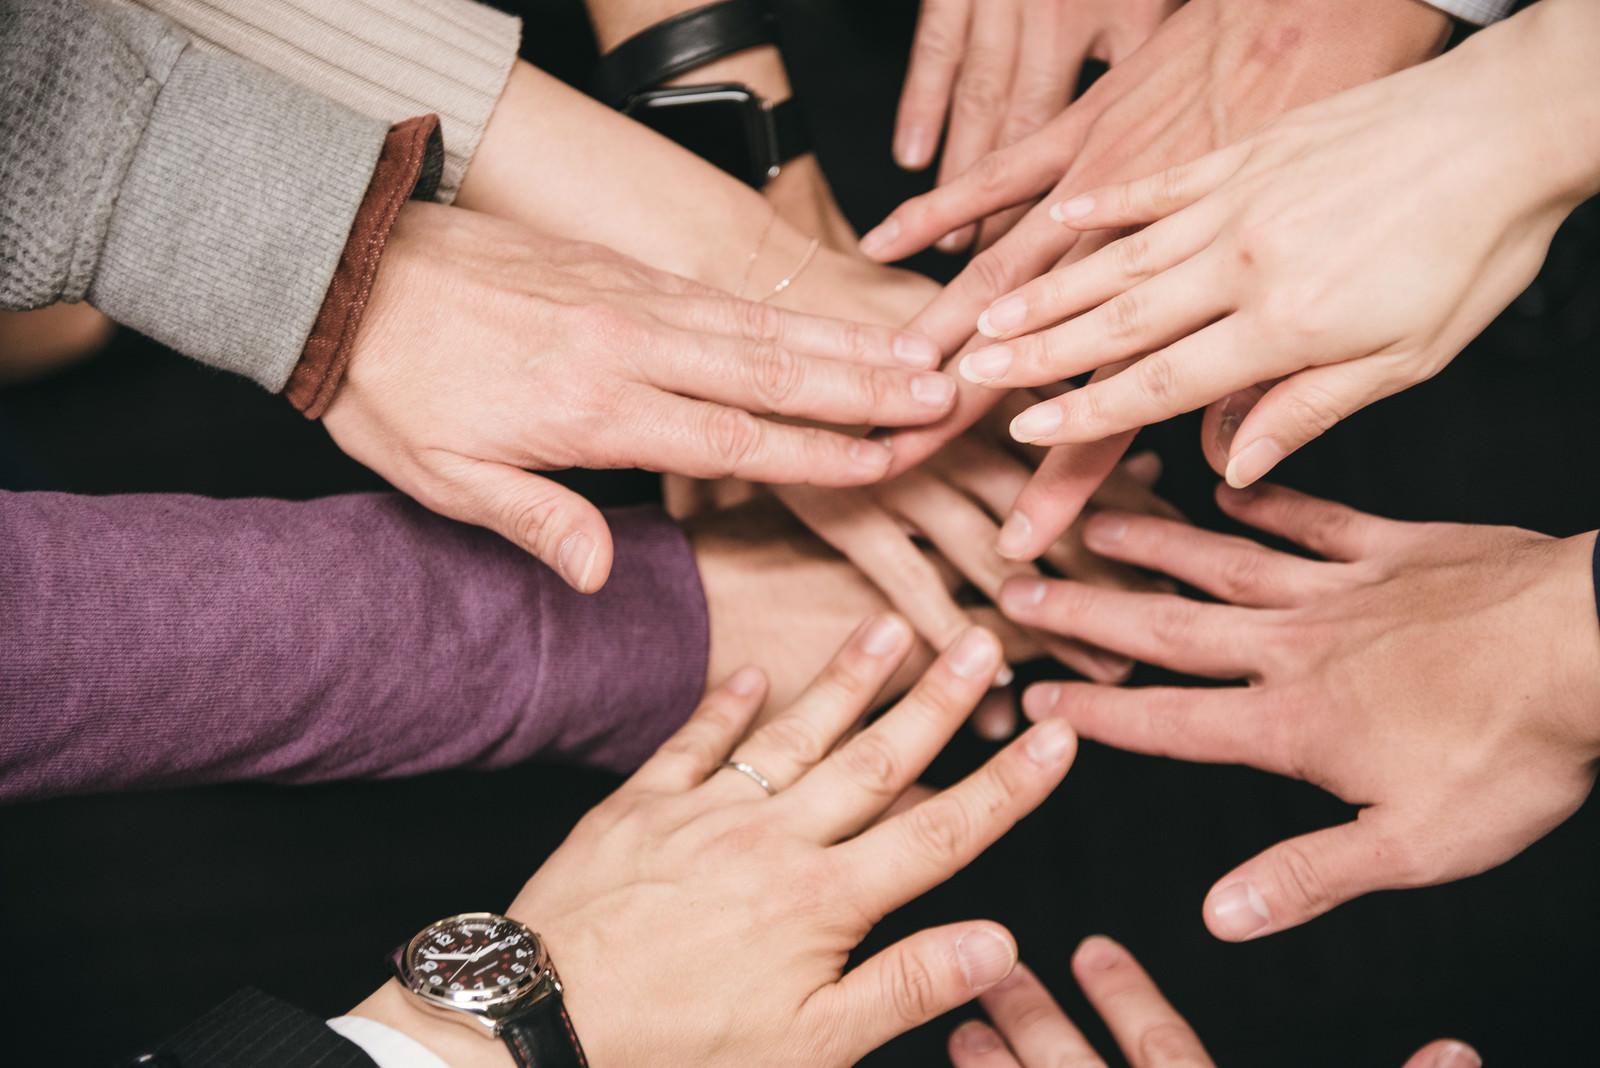 「みんなで手を合わせて頑張ろう!」の写真